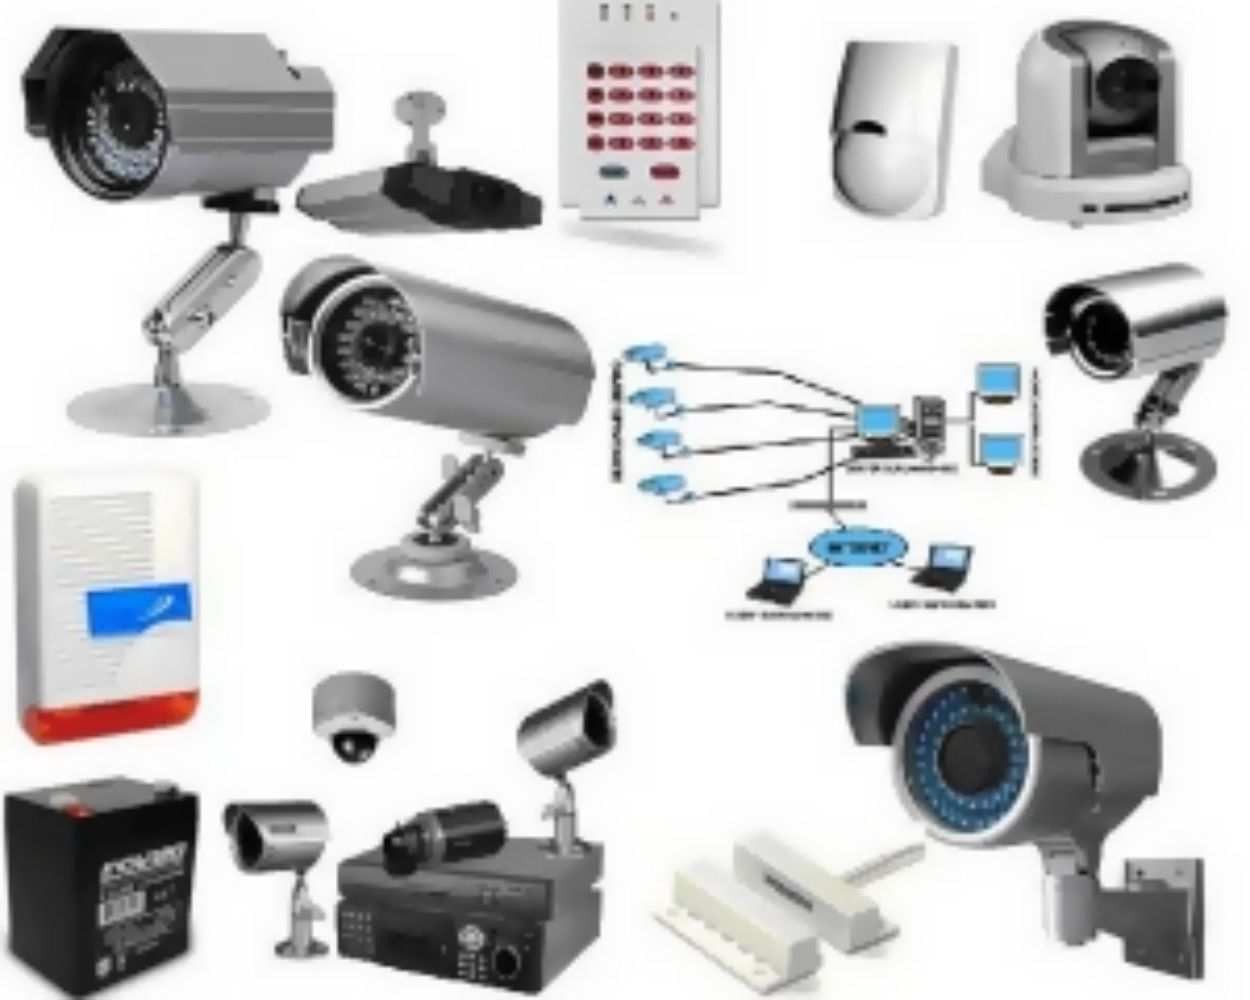 consultanta sisteme de securitate